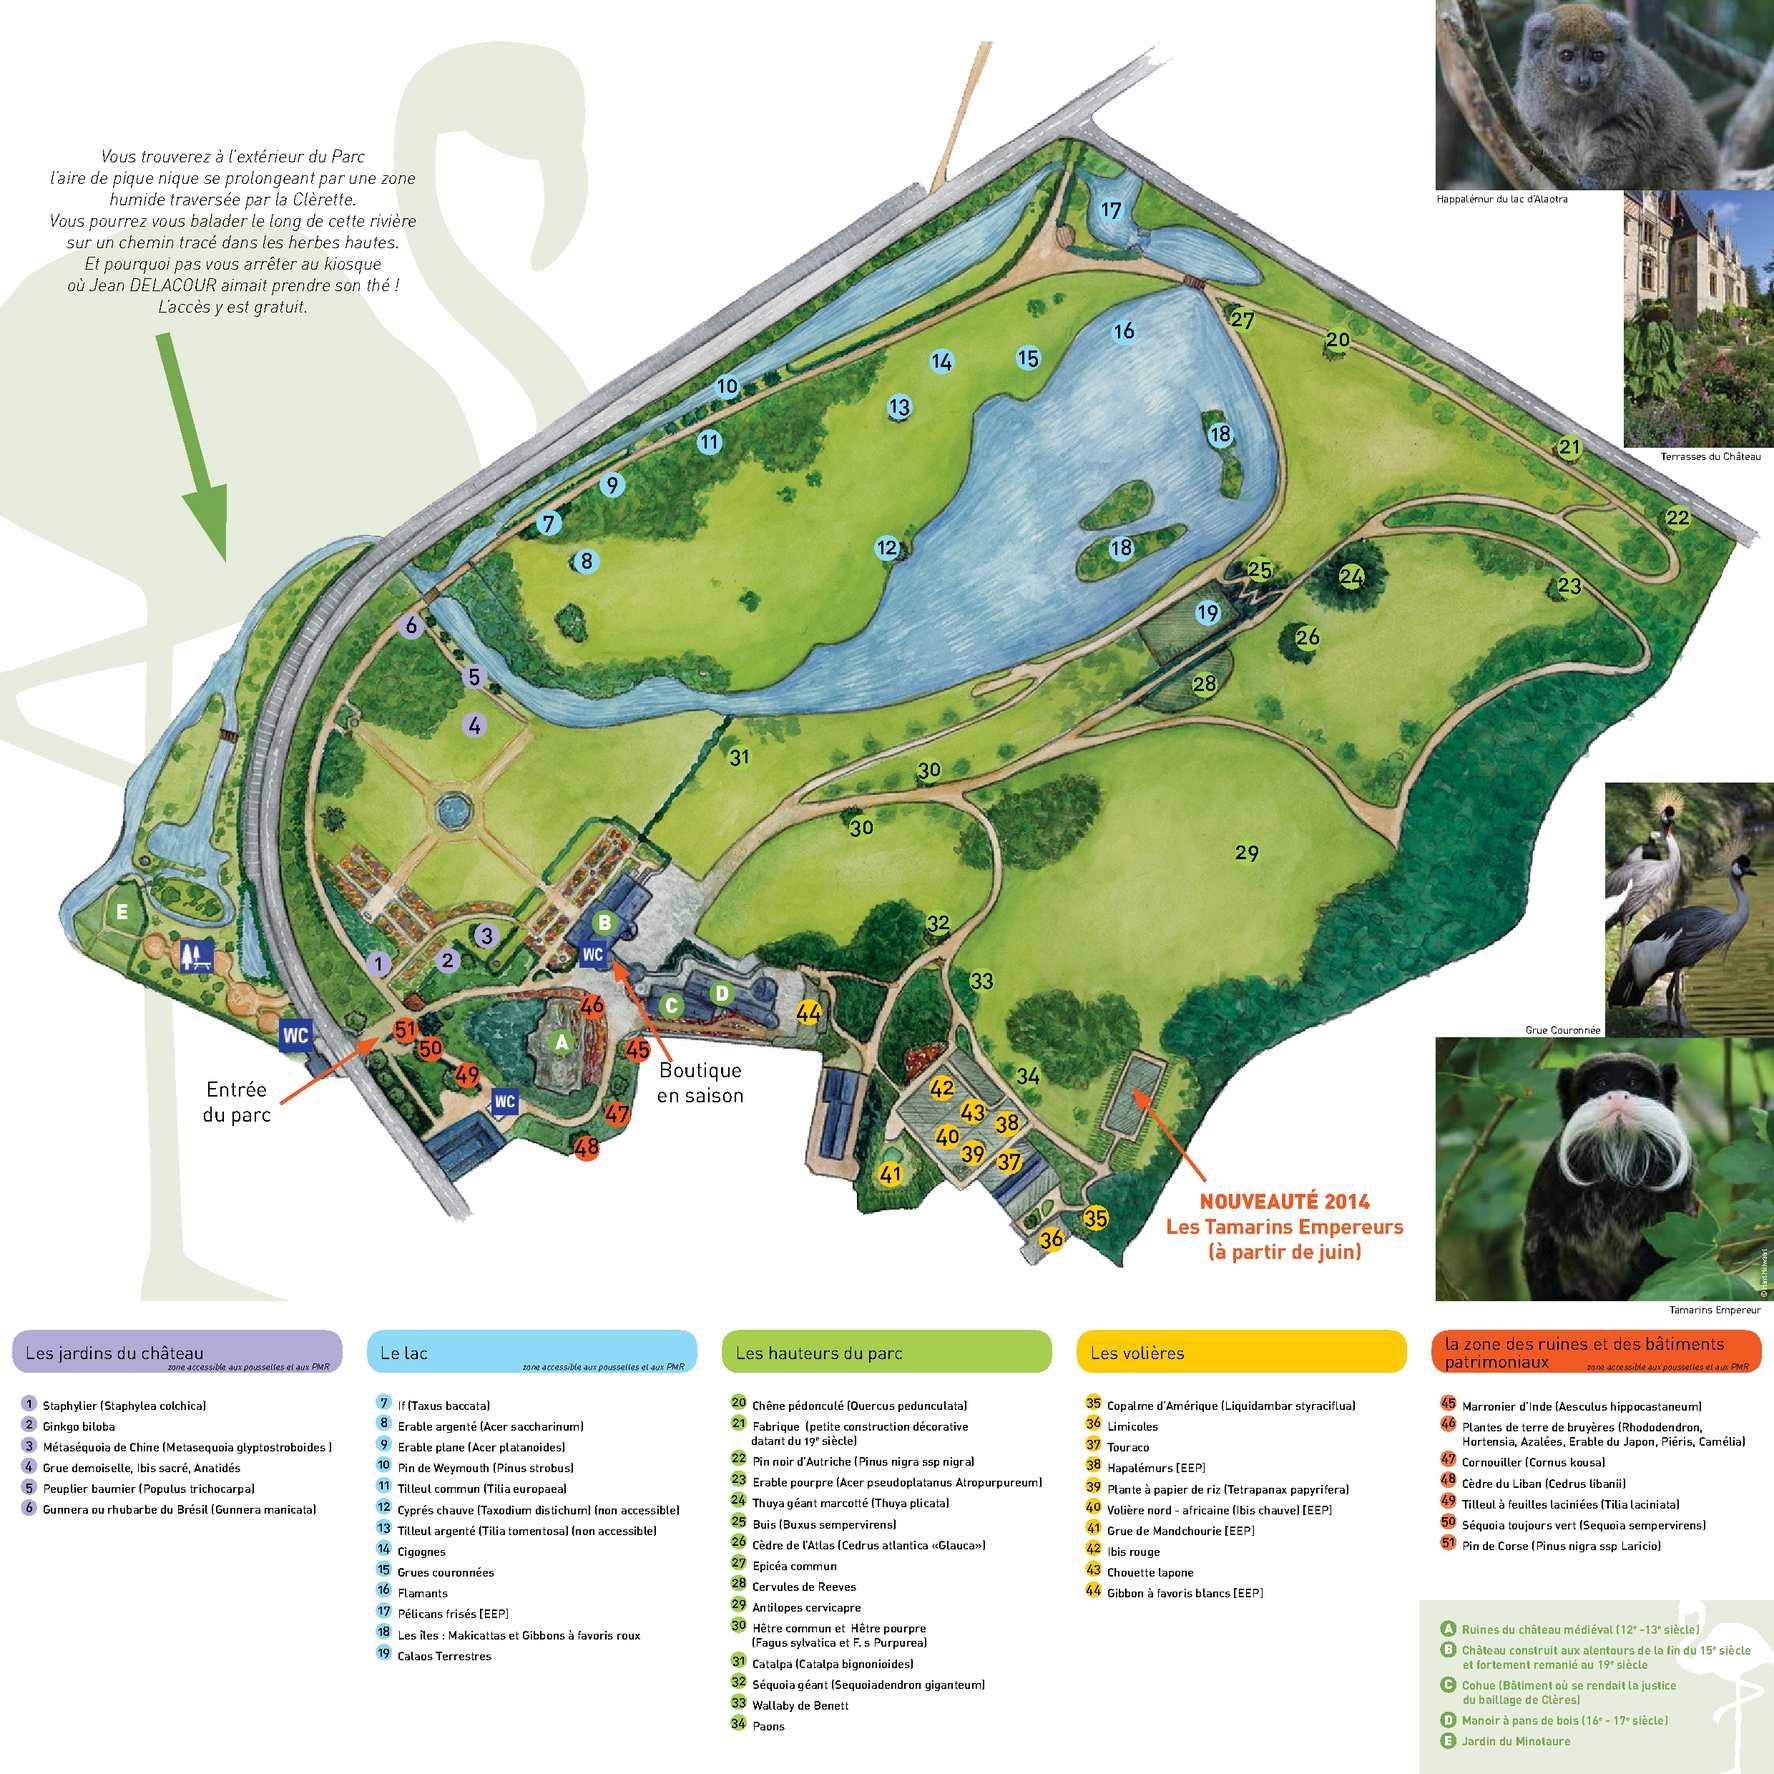 Calaméo - Plan du Parc de Clères